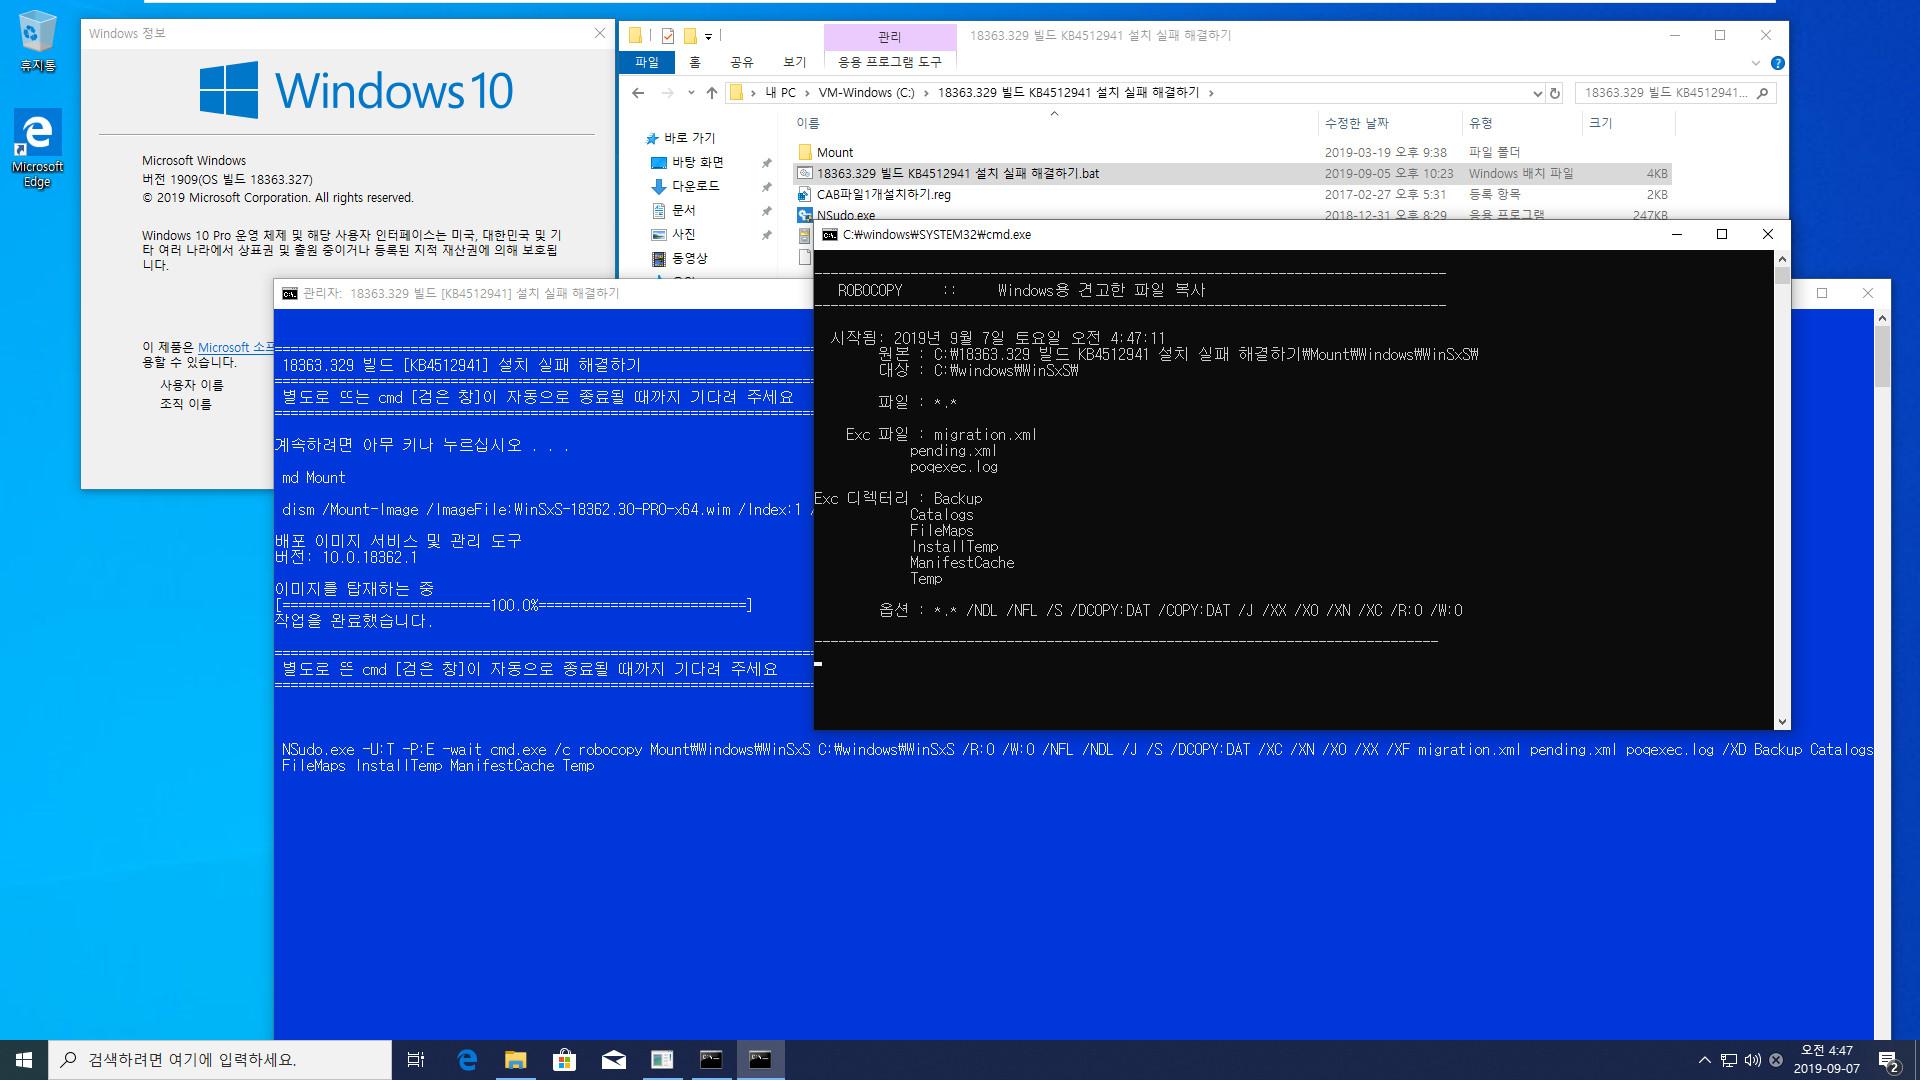 Windows 10 19H2 버전 1909 (OS 빌드 18363.327) 릴리스 프리뷰 - ms 에서 배포한 iso 에18363.329 빌드 KB4512941 설치 실패 해결하기 - 다시 도전 2019-09-07_044737.jpg